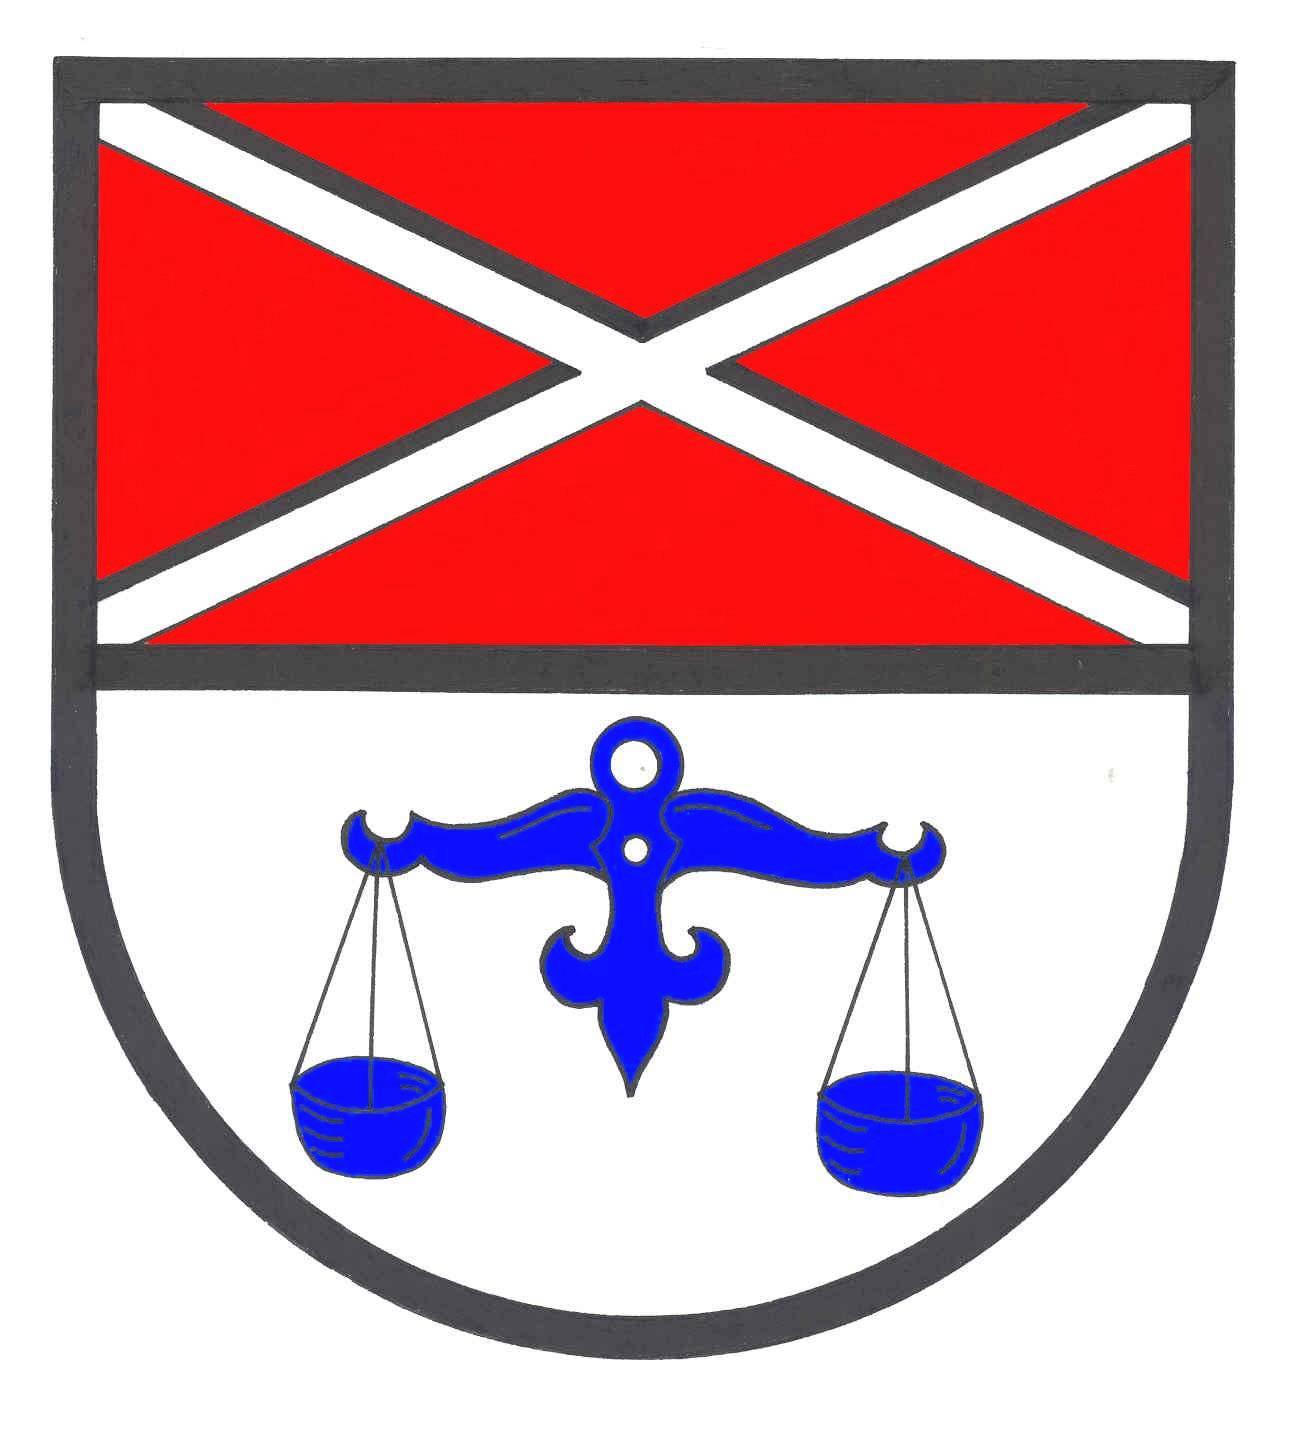 Wappen GemeindeWeddingstedt, Kreis Dithmarschen